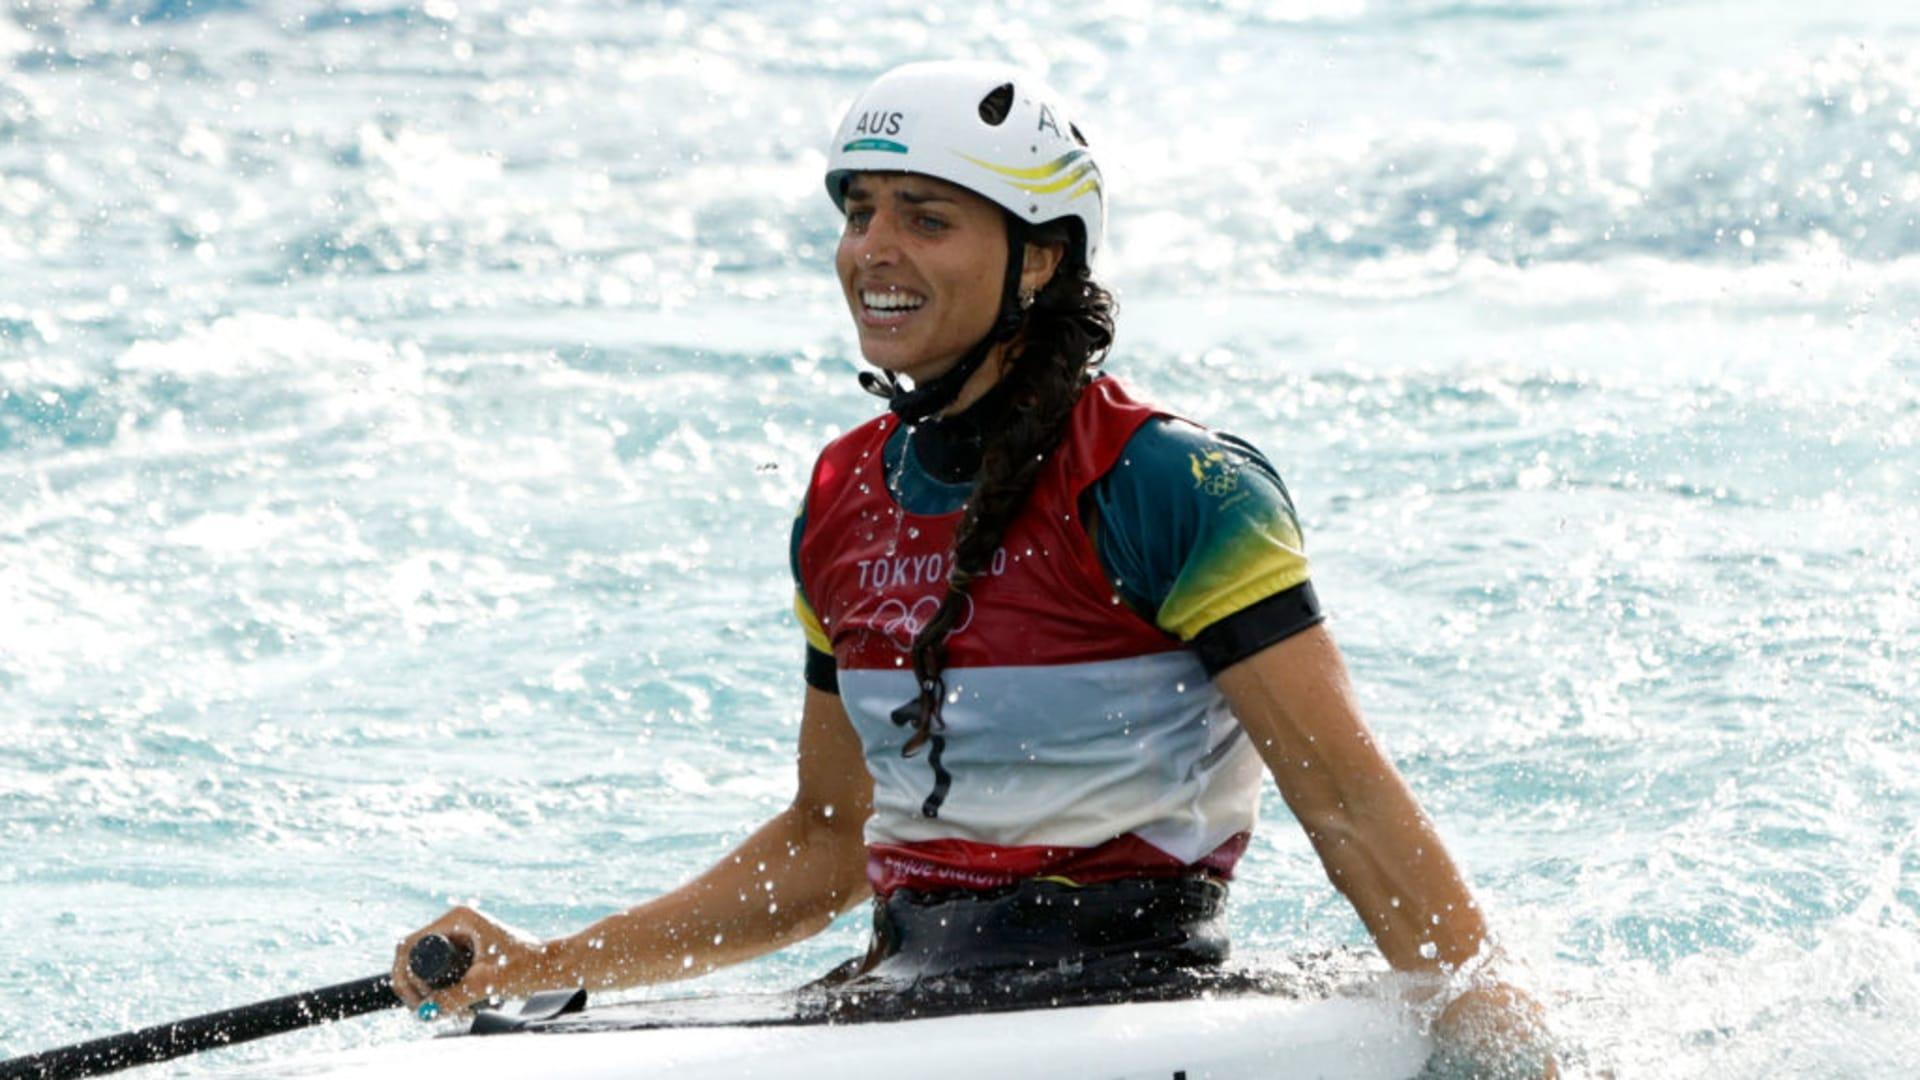 Lo que aprendimos: resumen de eslalon en canoa de los Juegos Olímpicos de Tokio 2020